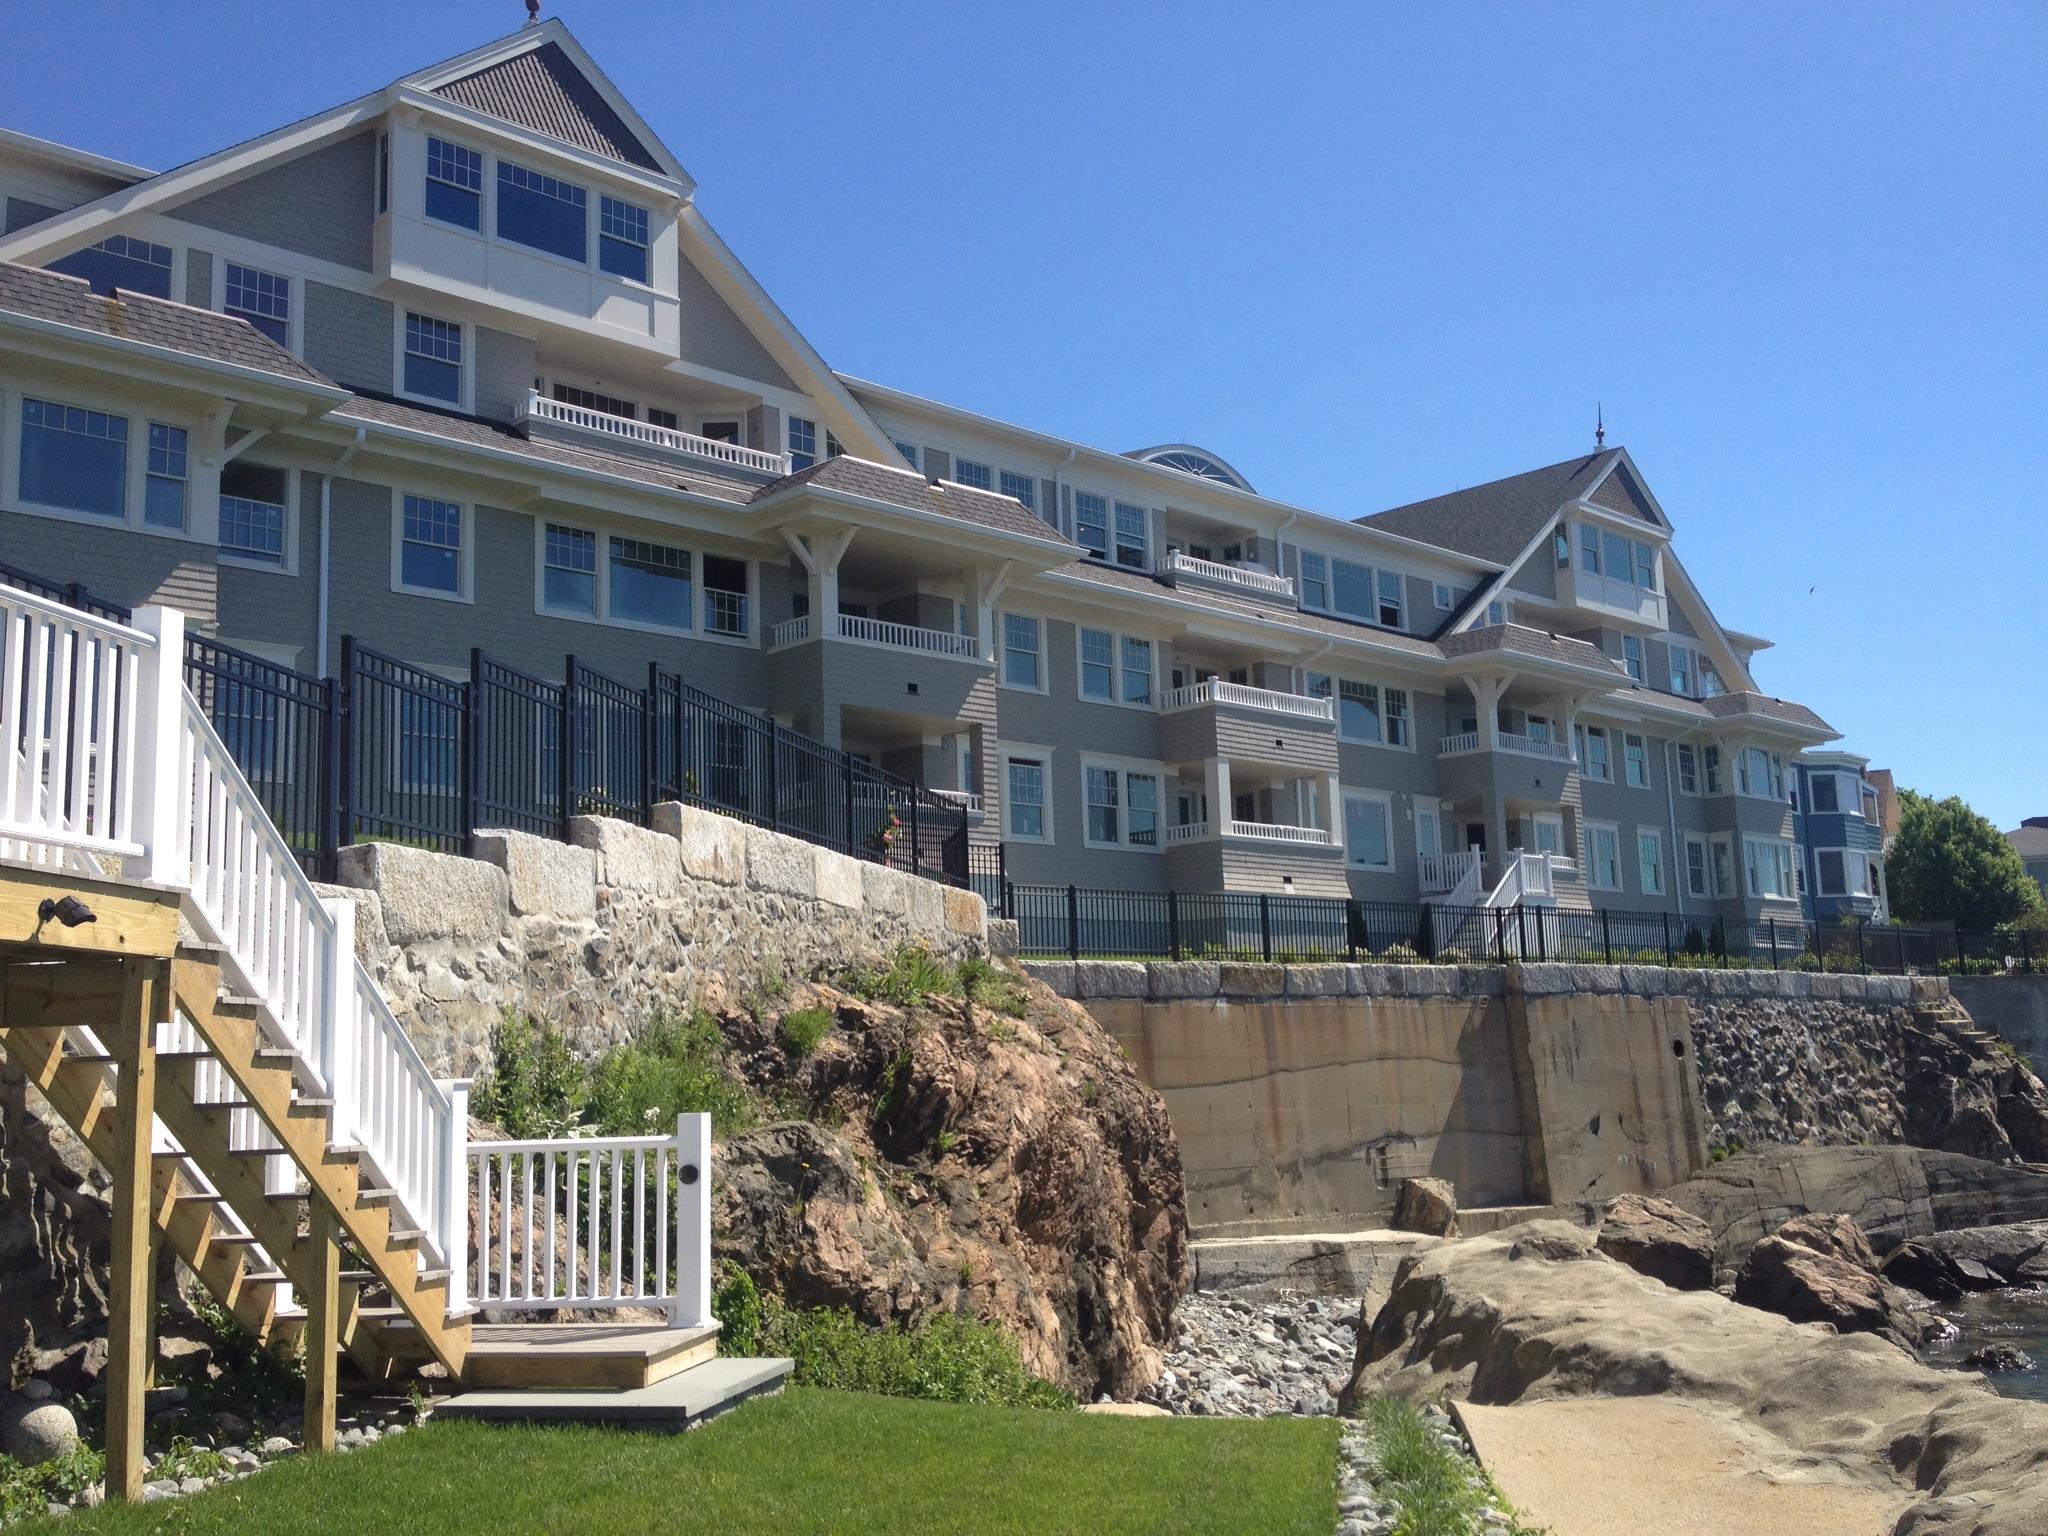 Boston Real Estate, Boston Magazine, Concordia, Swampscott Real Estate, Massachusetts Real Estate, Design Home